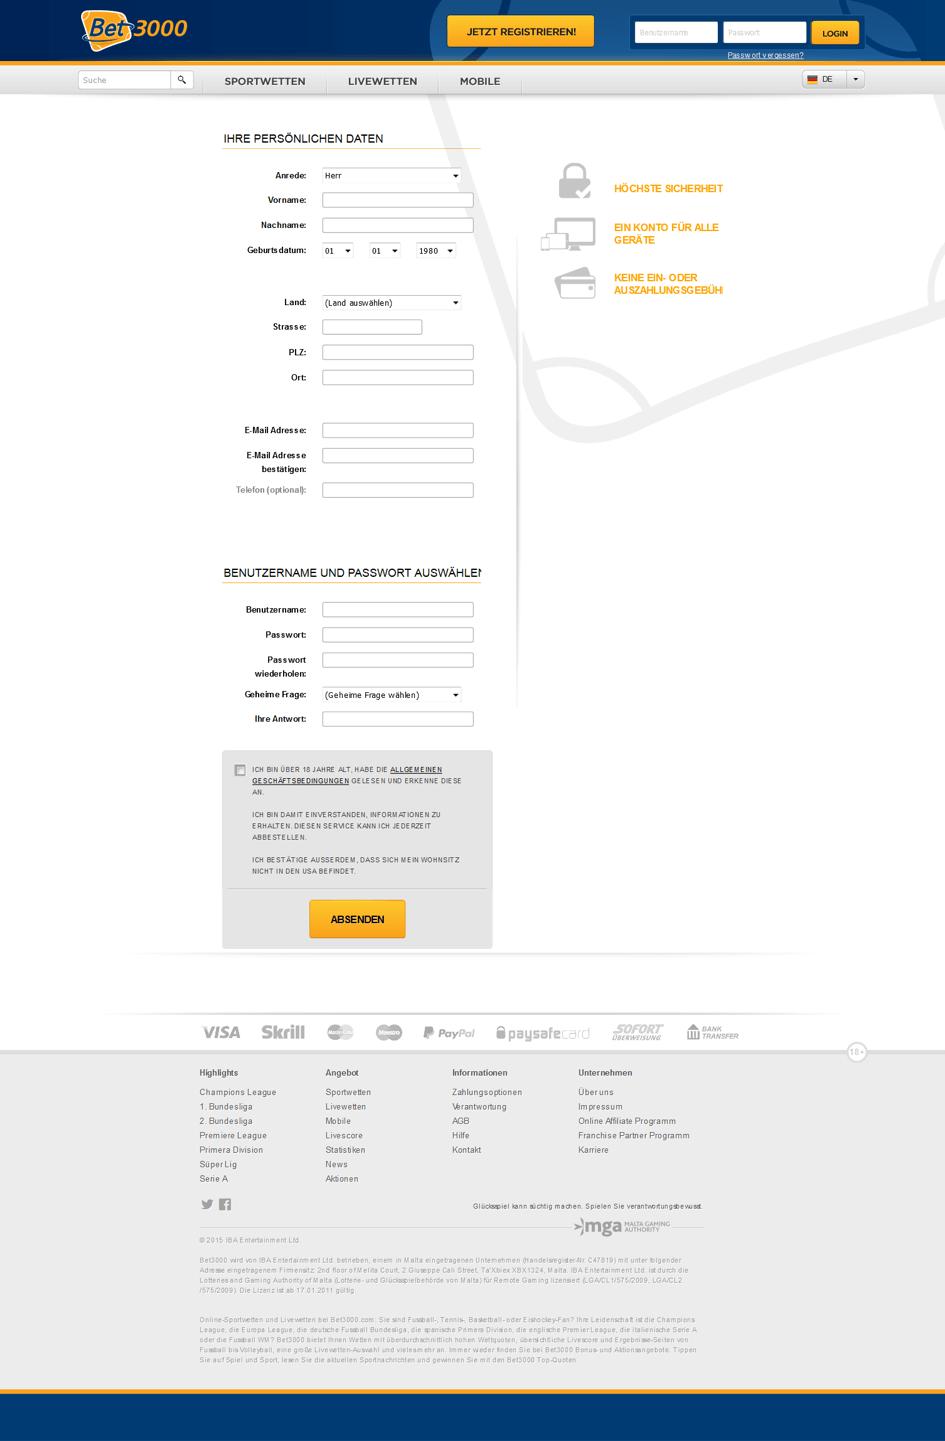 Registrierung bei Bet3000